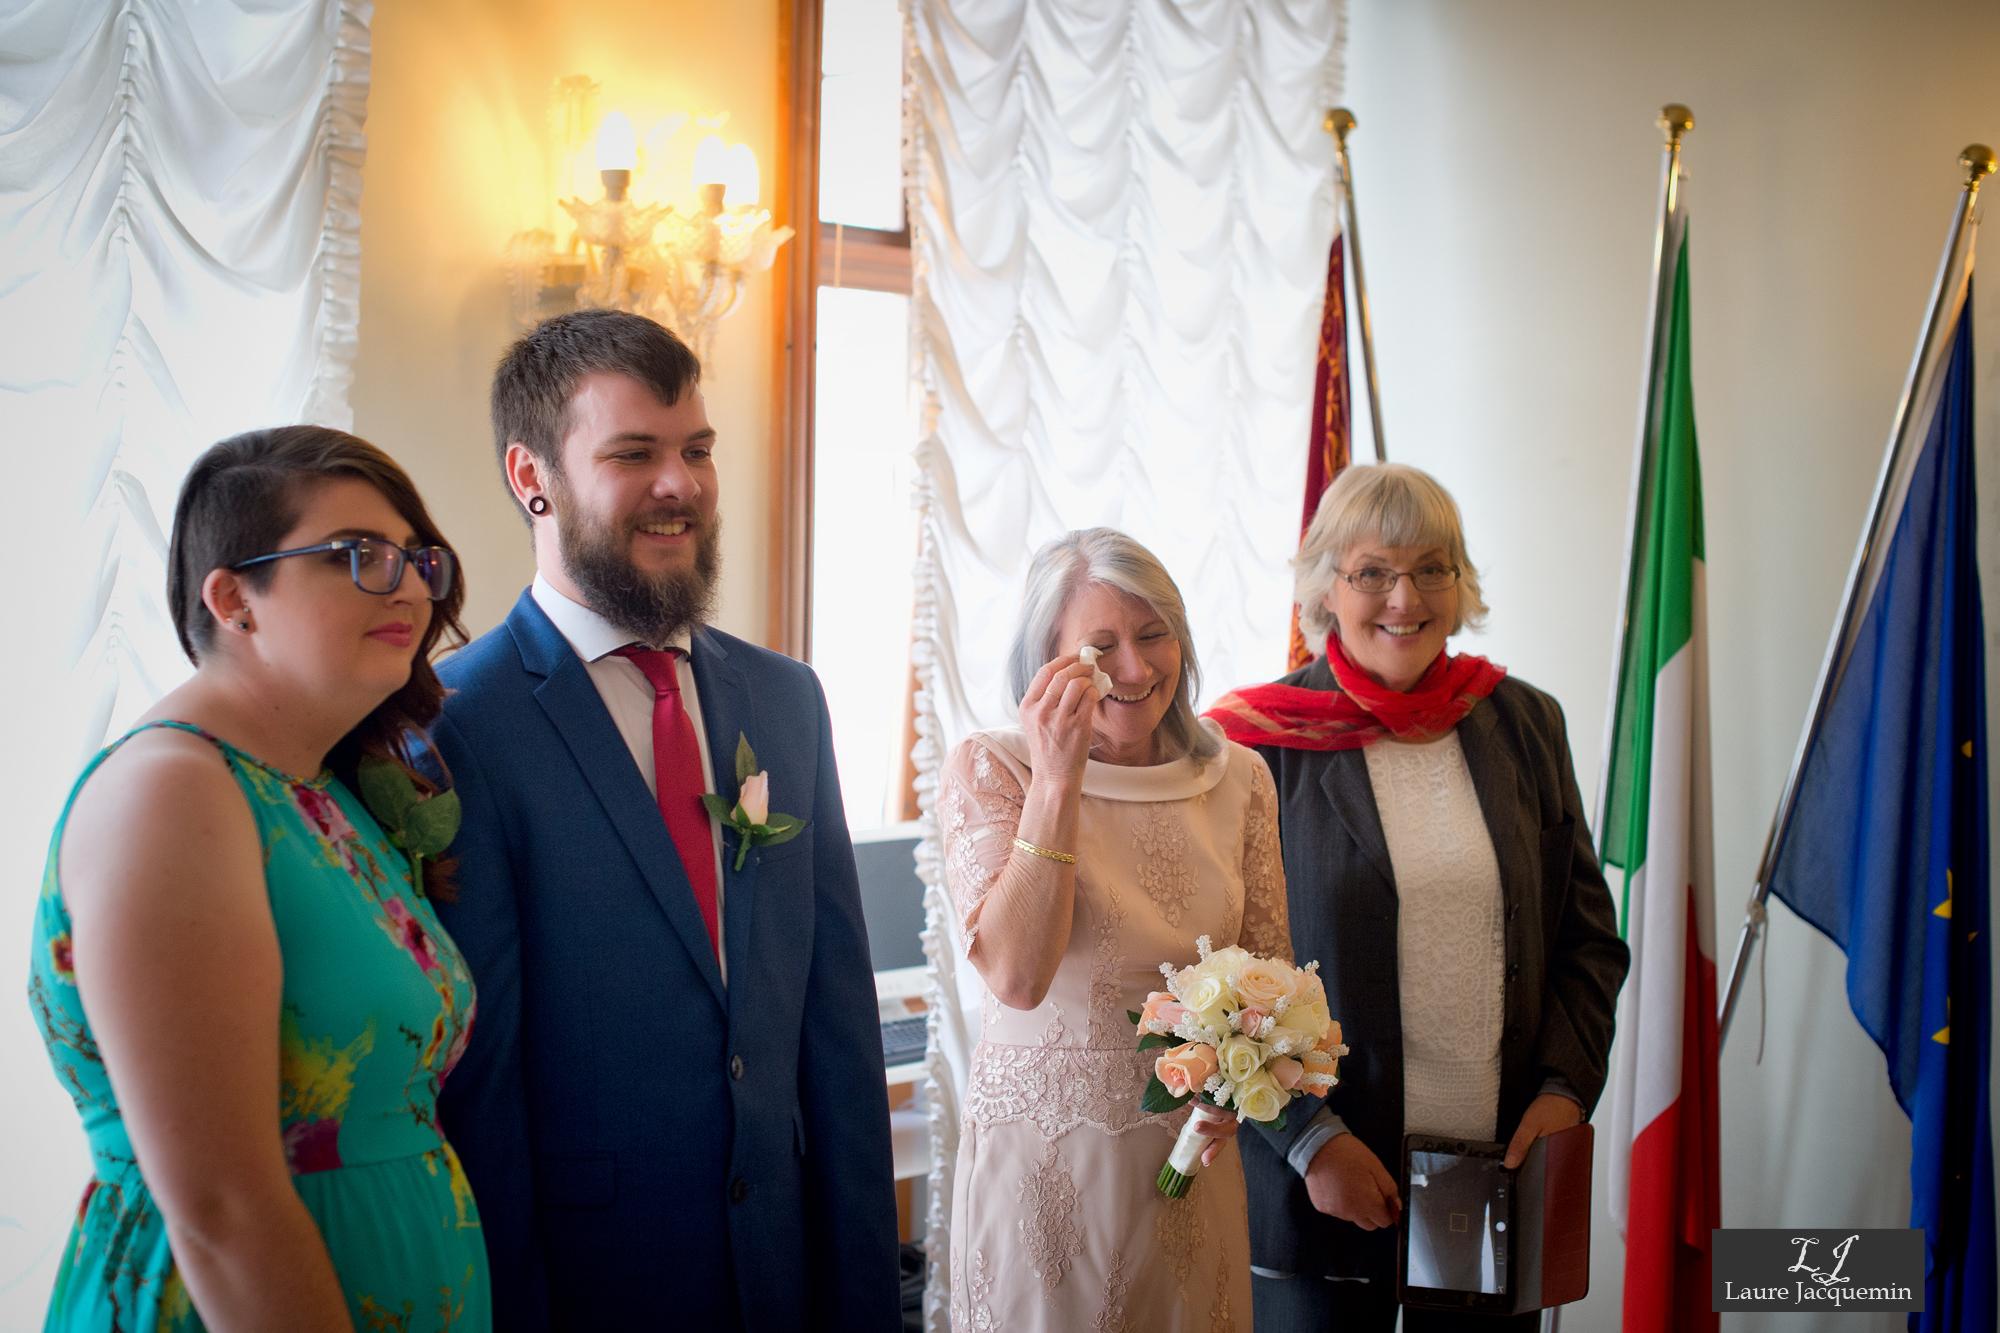 photographe mariage laure jacquemin palazzo cavalli service photographique (32)